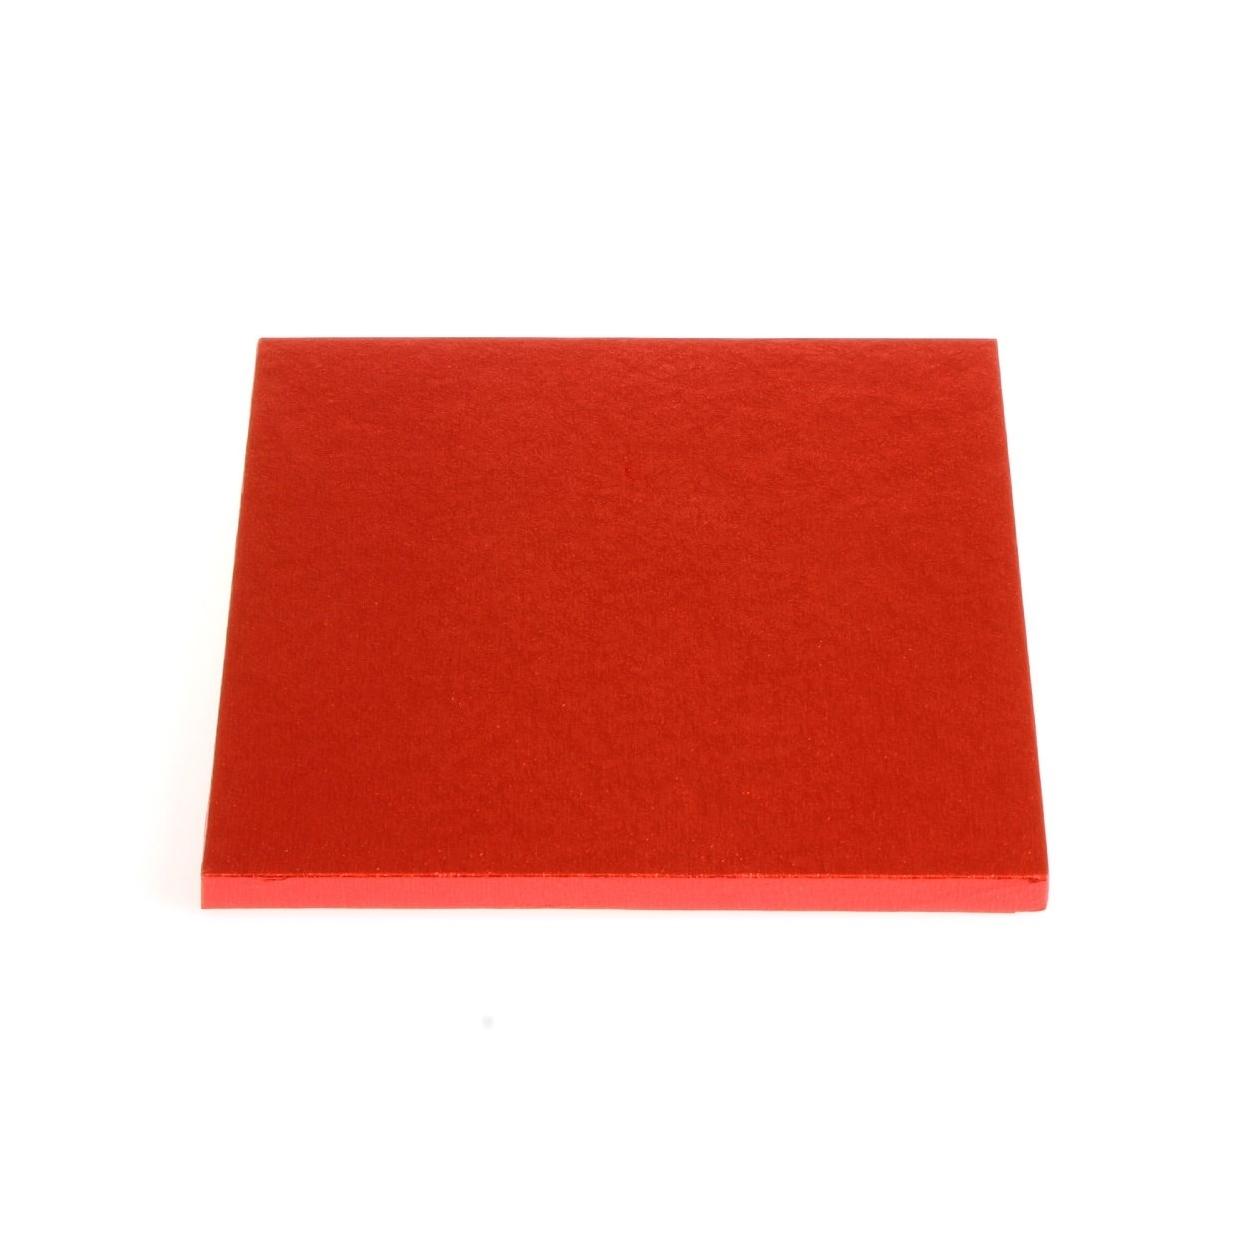 Cake Drum cuadrado rojo metalizado 25cm